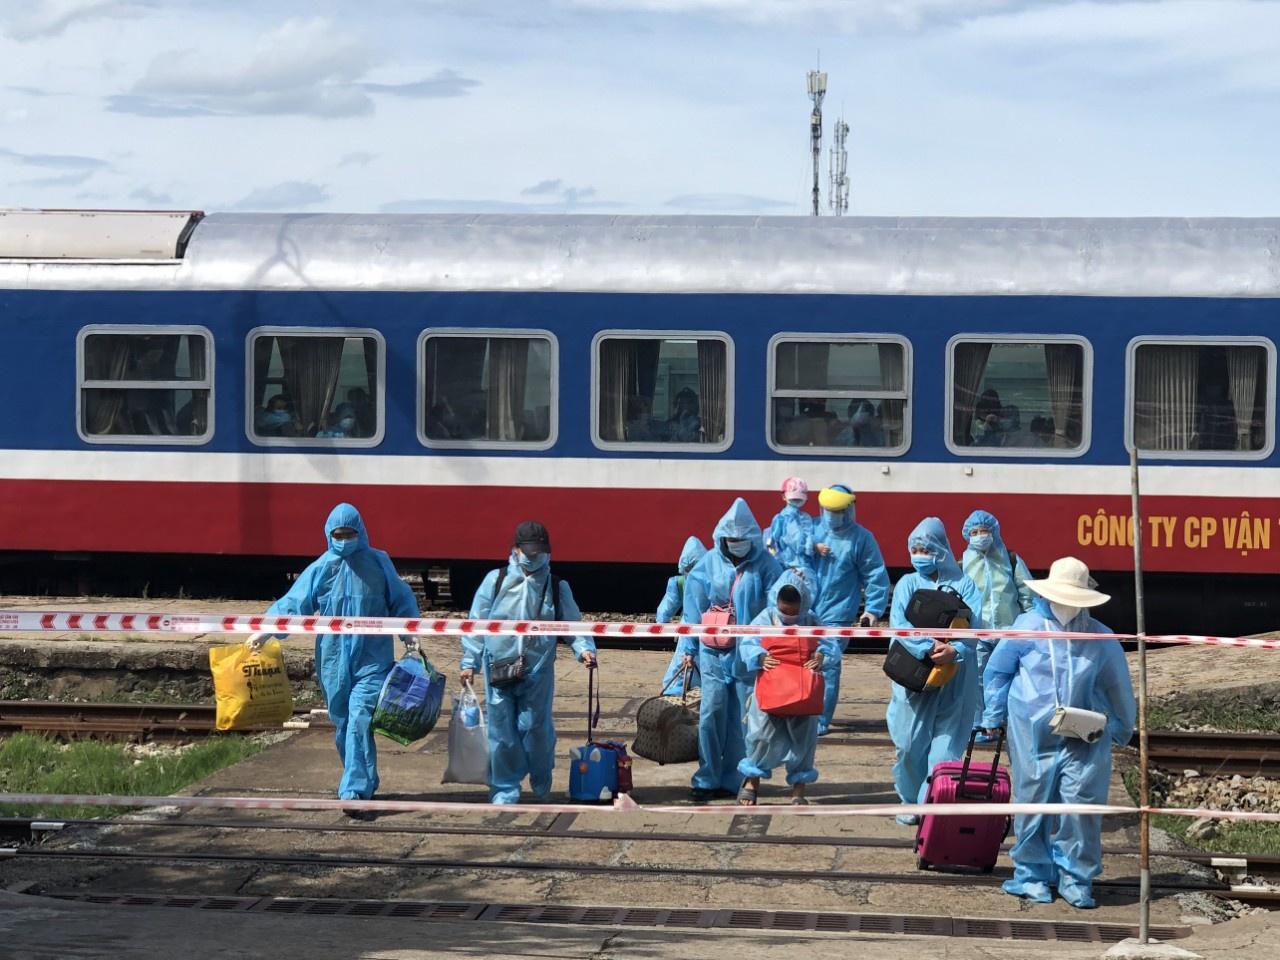 Chuyến tàu chuyên biệt SE74 chở 400 người dân Quảng Trị về tới ga Đông Hà chiều 29.7 /// ẢNH: NGỌC NĂM